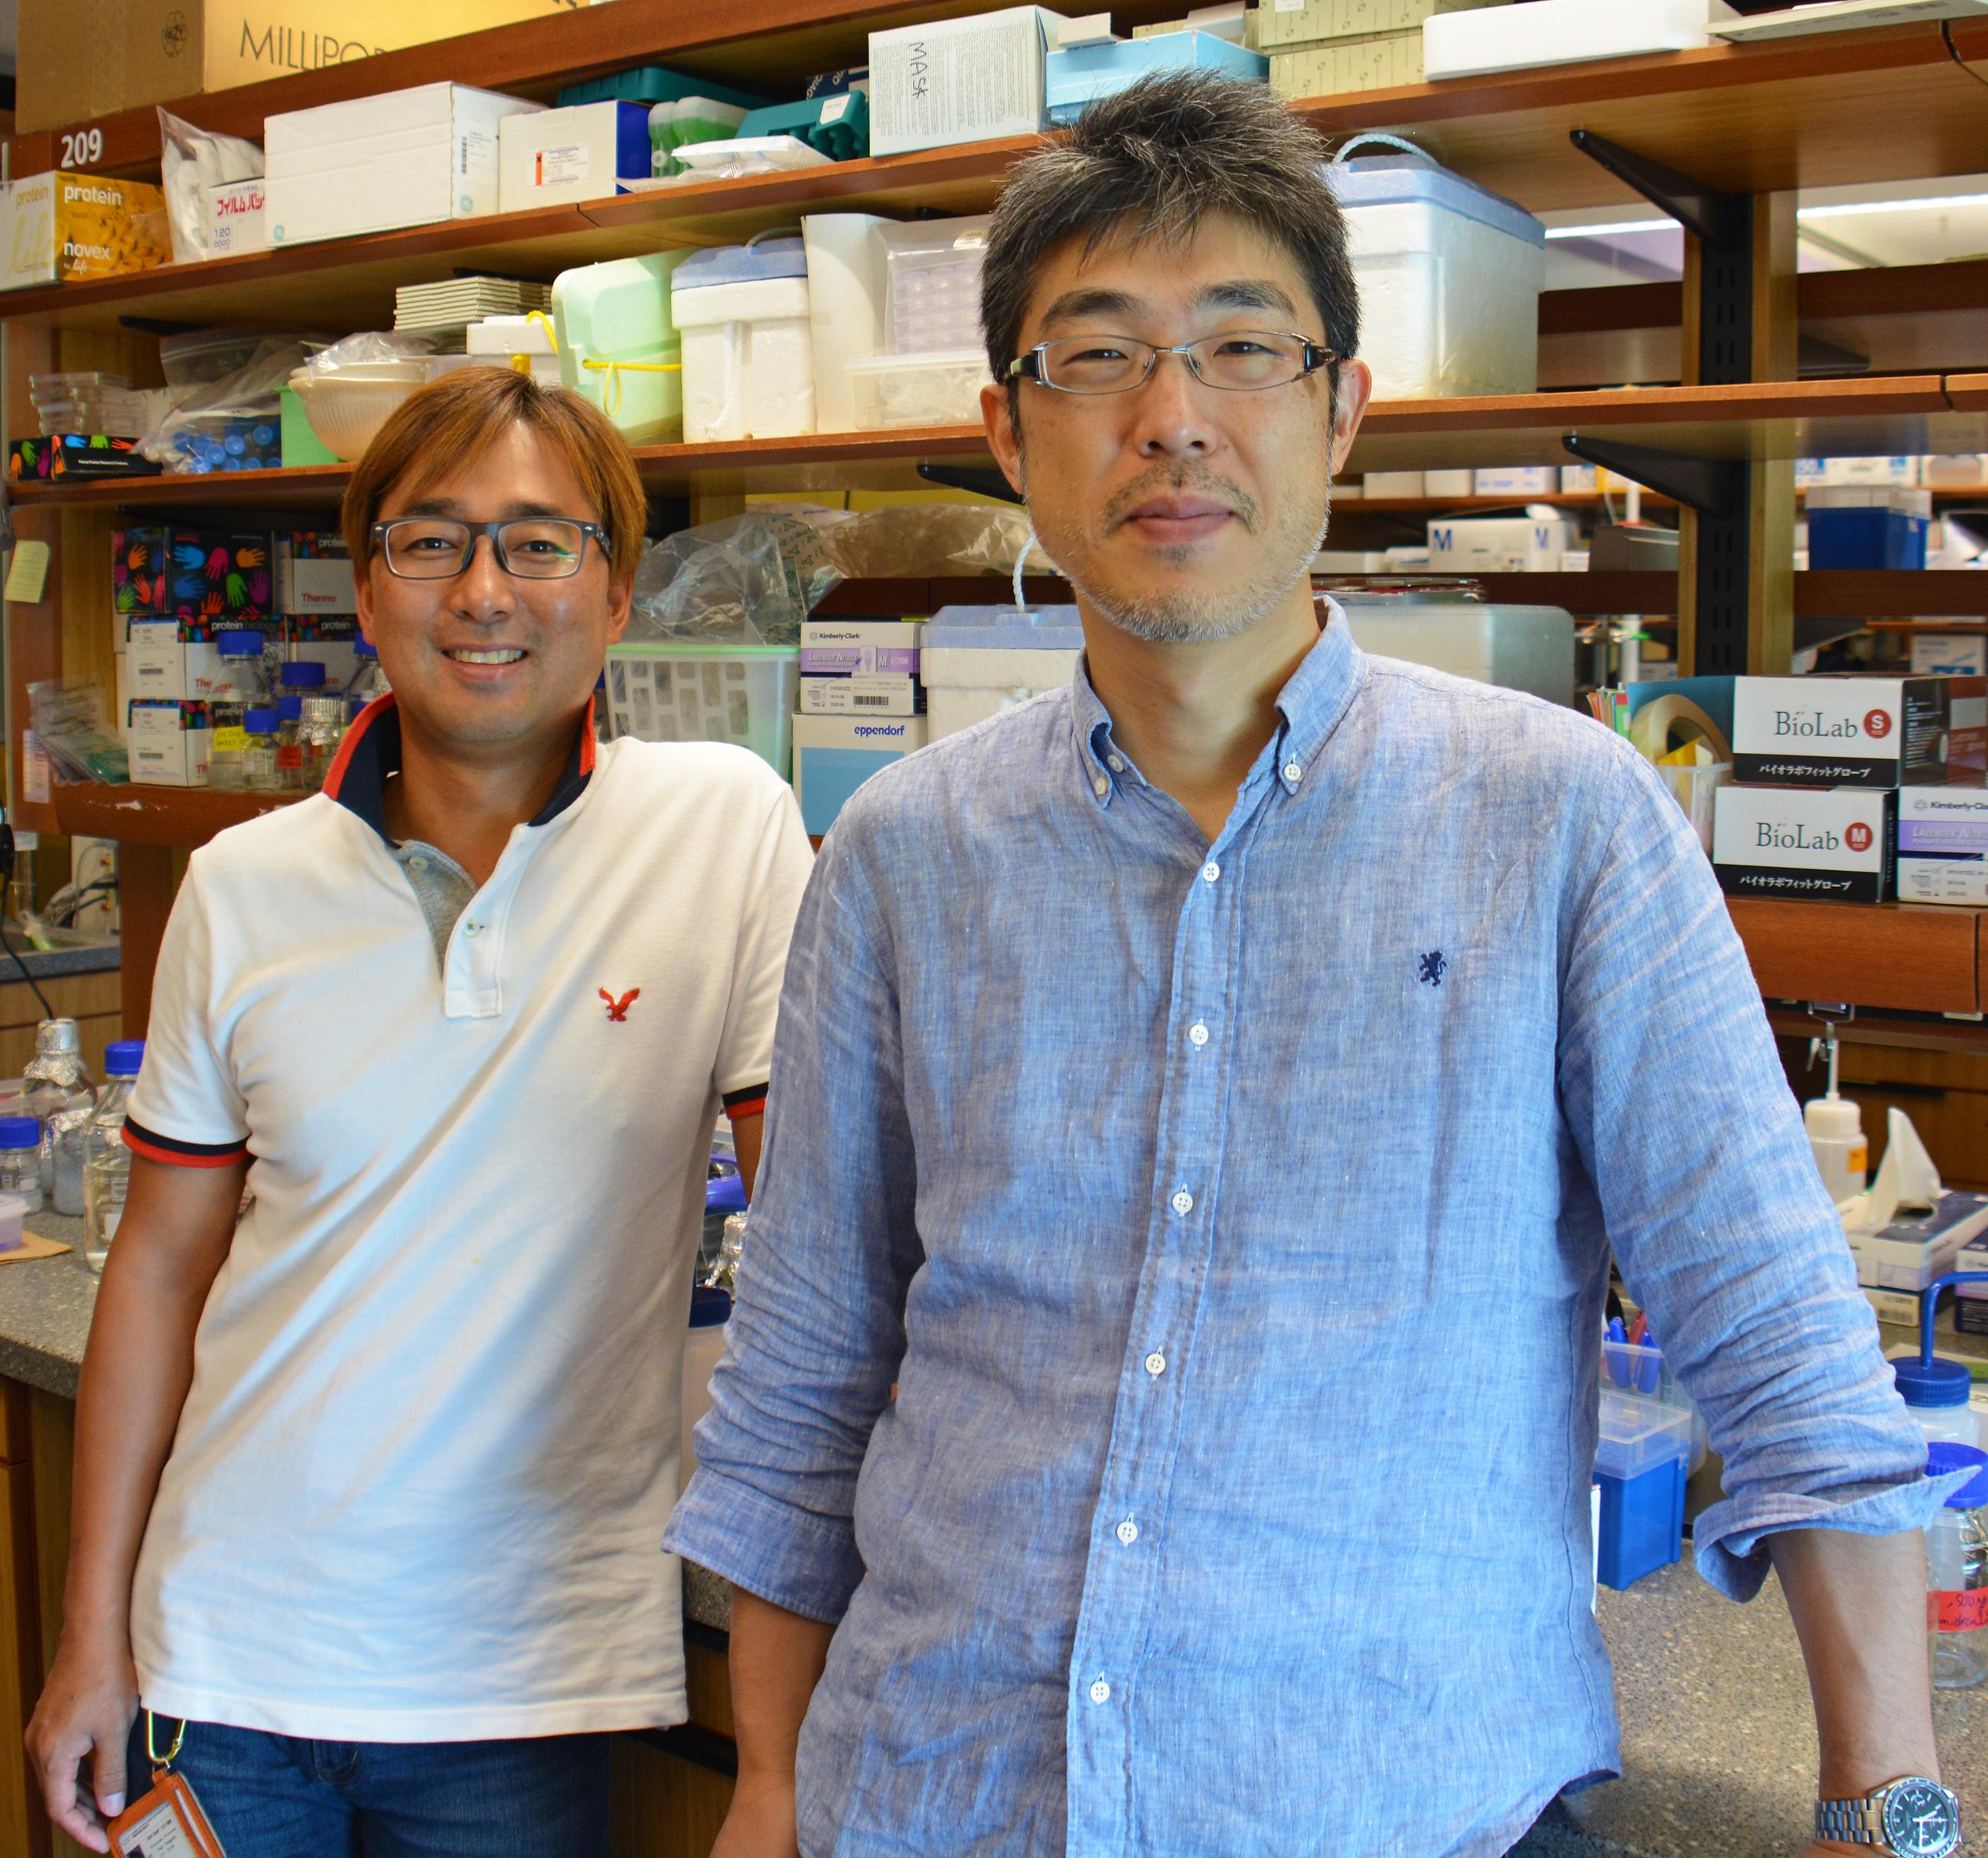 細胞膜通過輸送研究ユニットの松波秀行博士とヨンホ・ユン博士